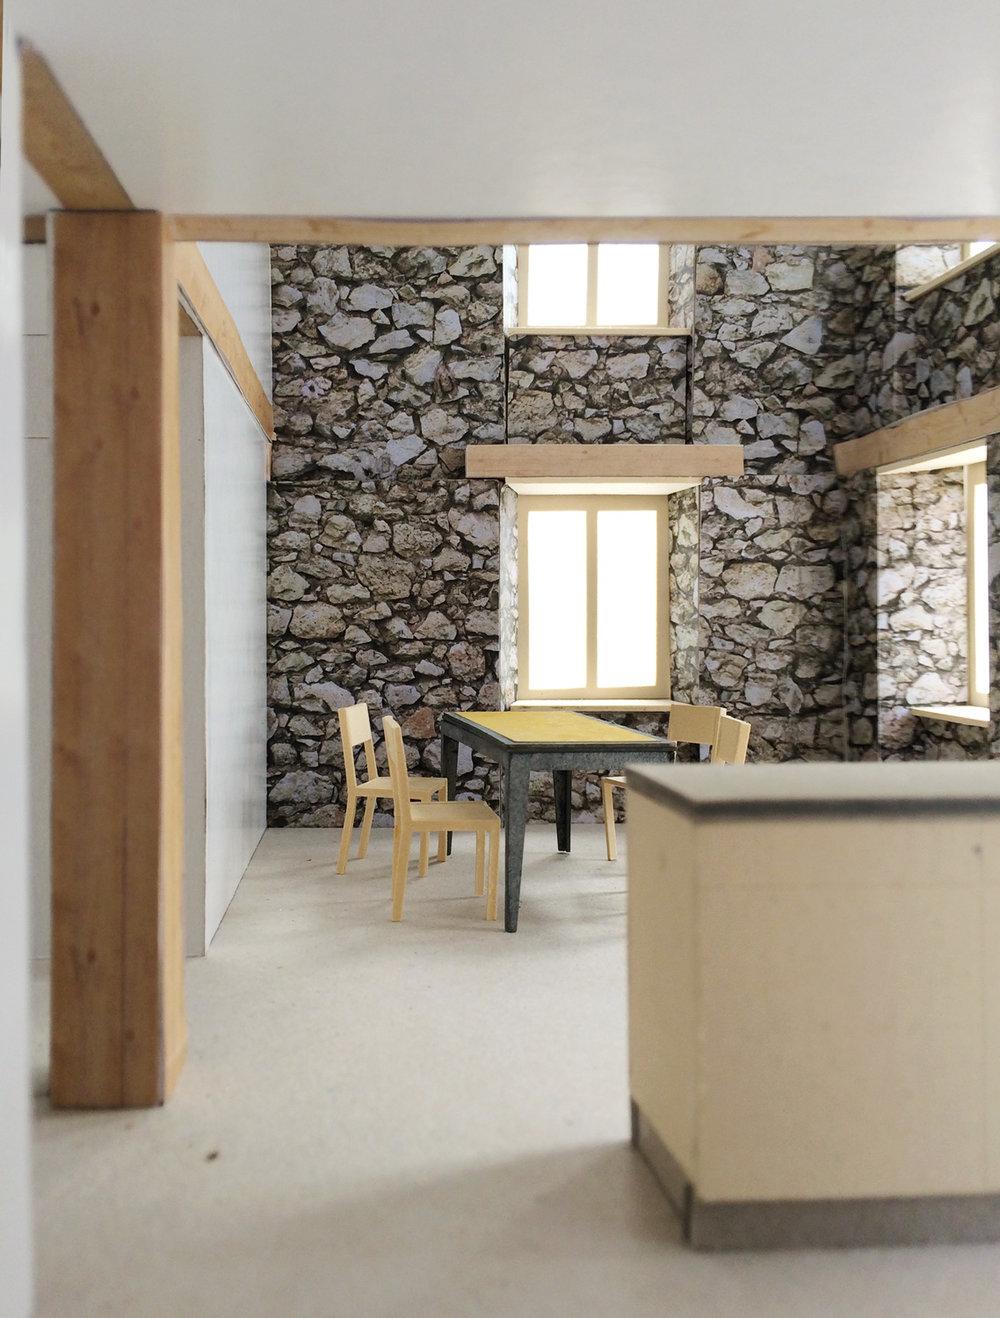 Küche und Essbereich im Innenraumodell